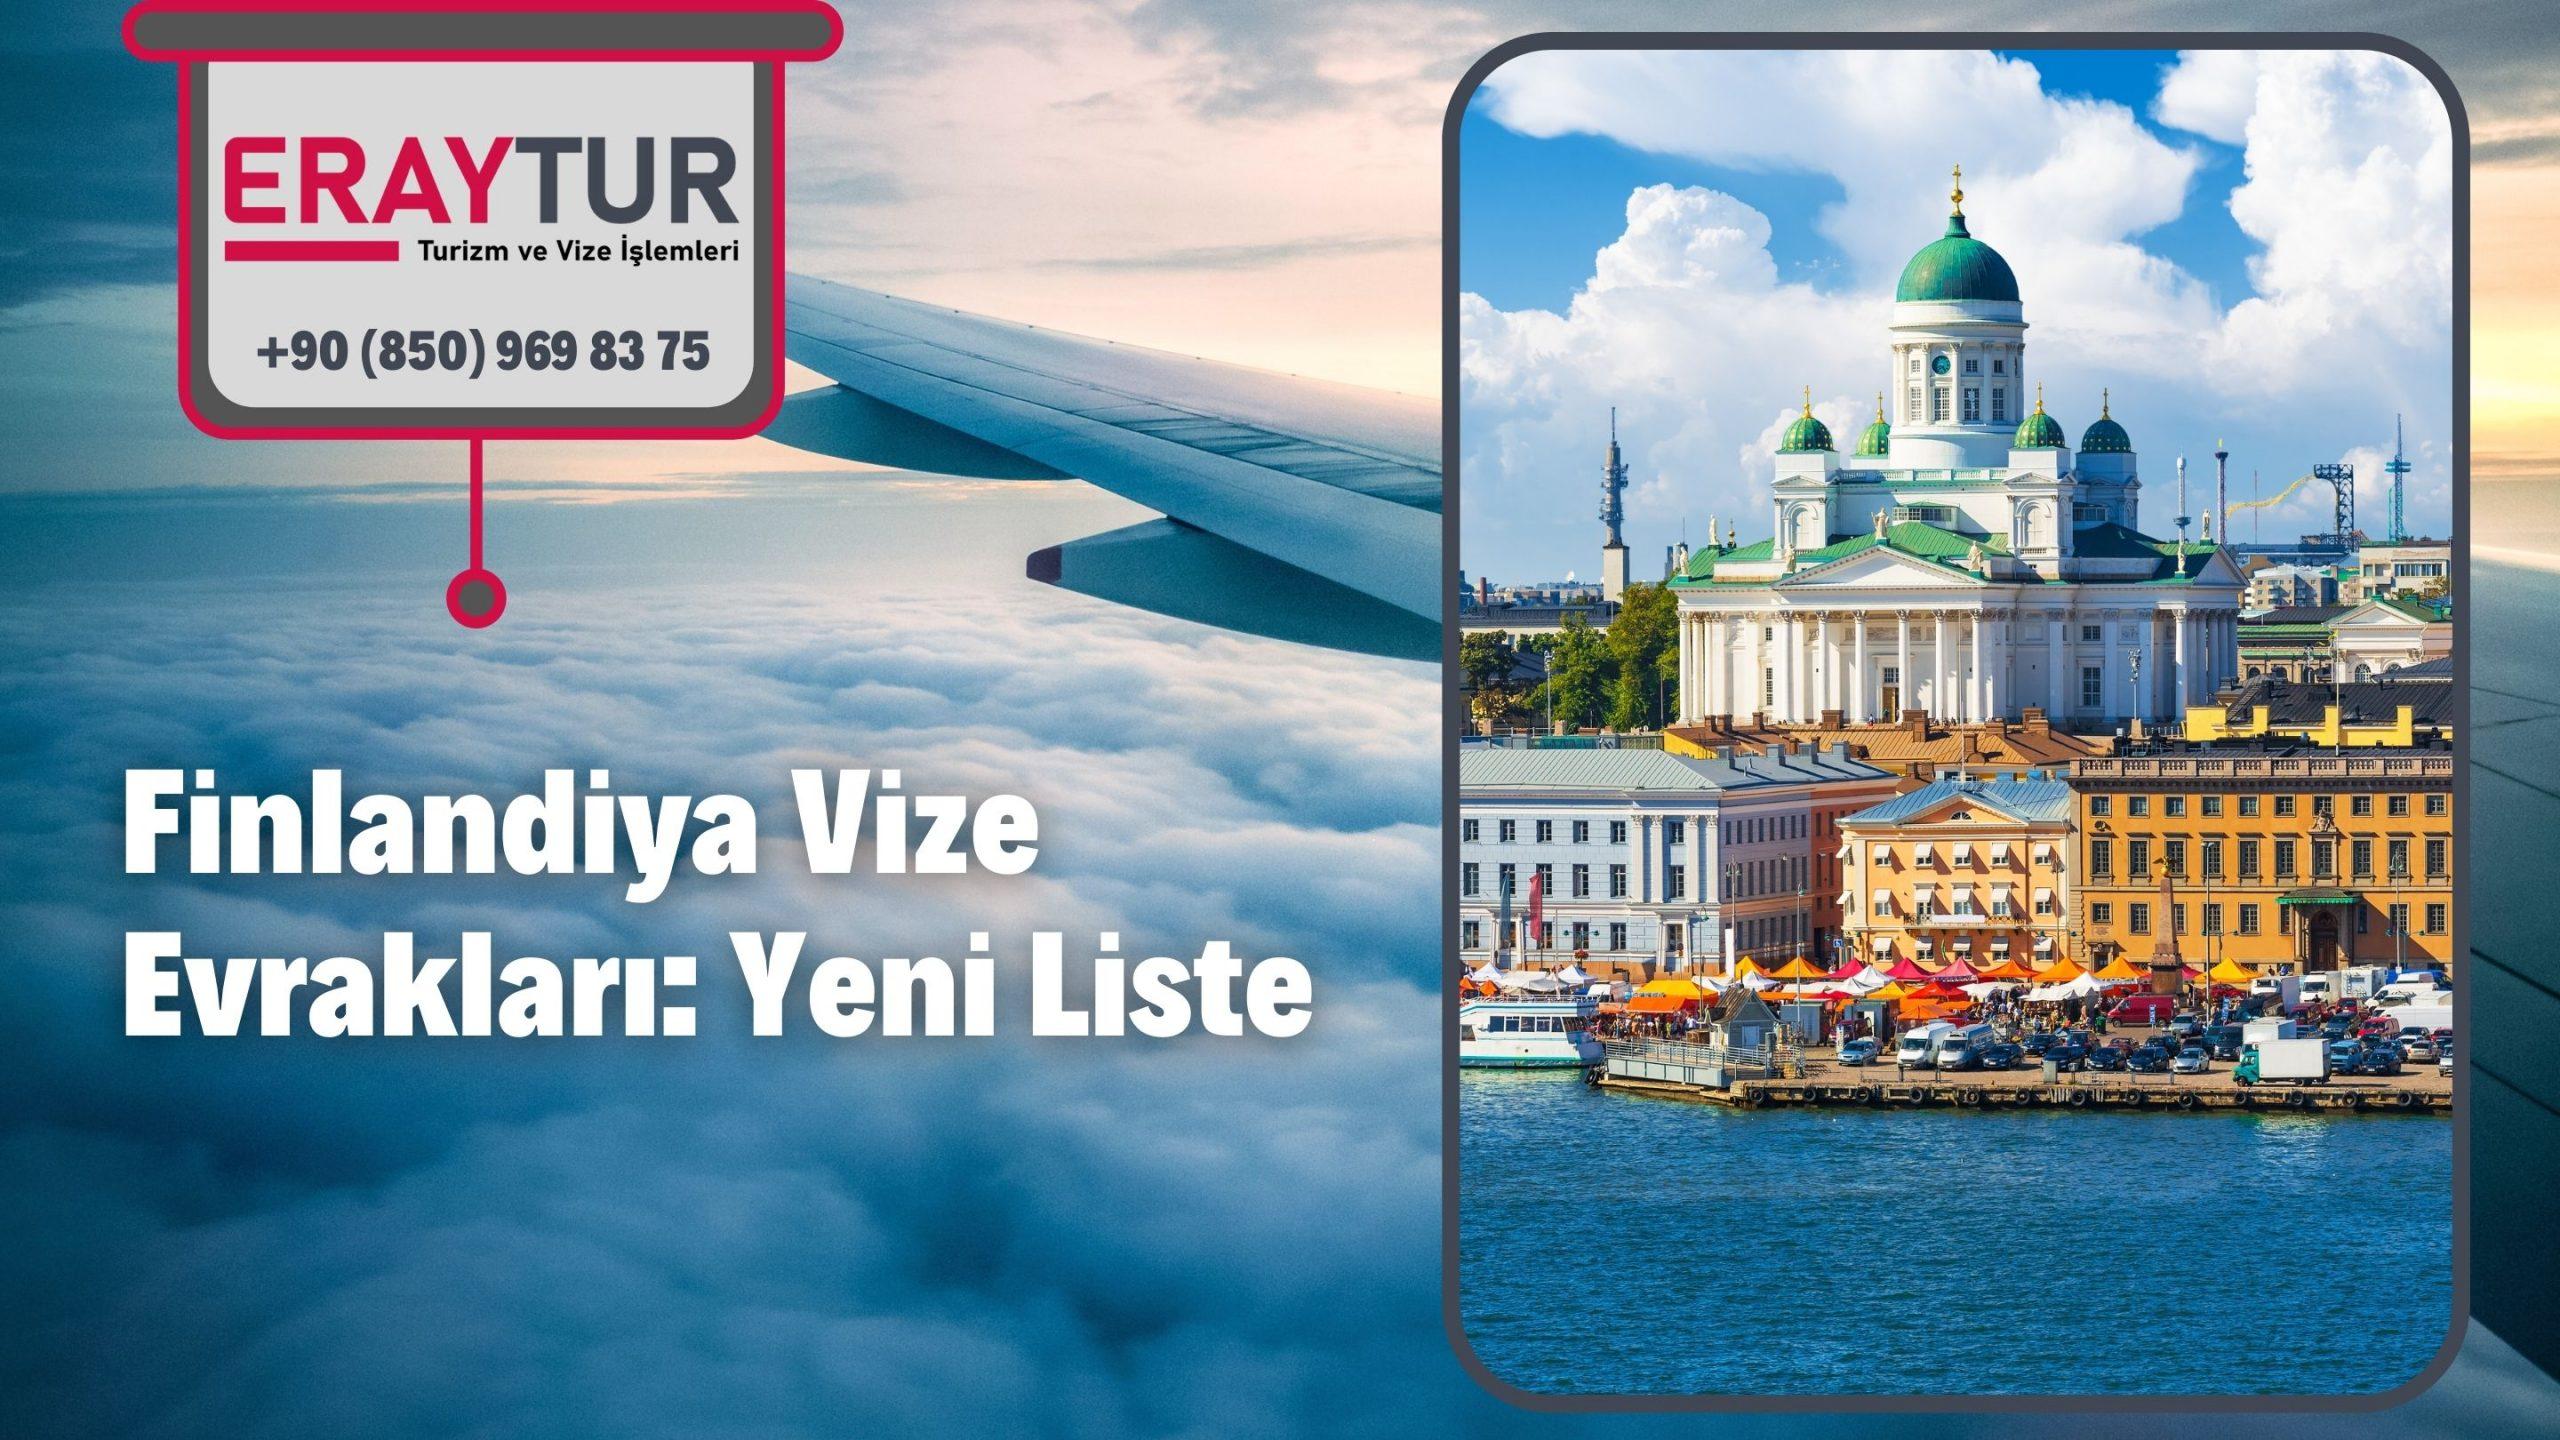 Finlandiya Vize Evrakları: Yeni Liste [2021]